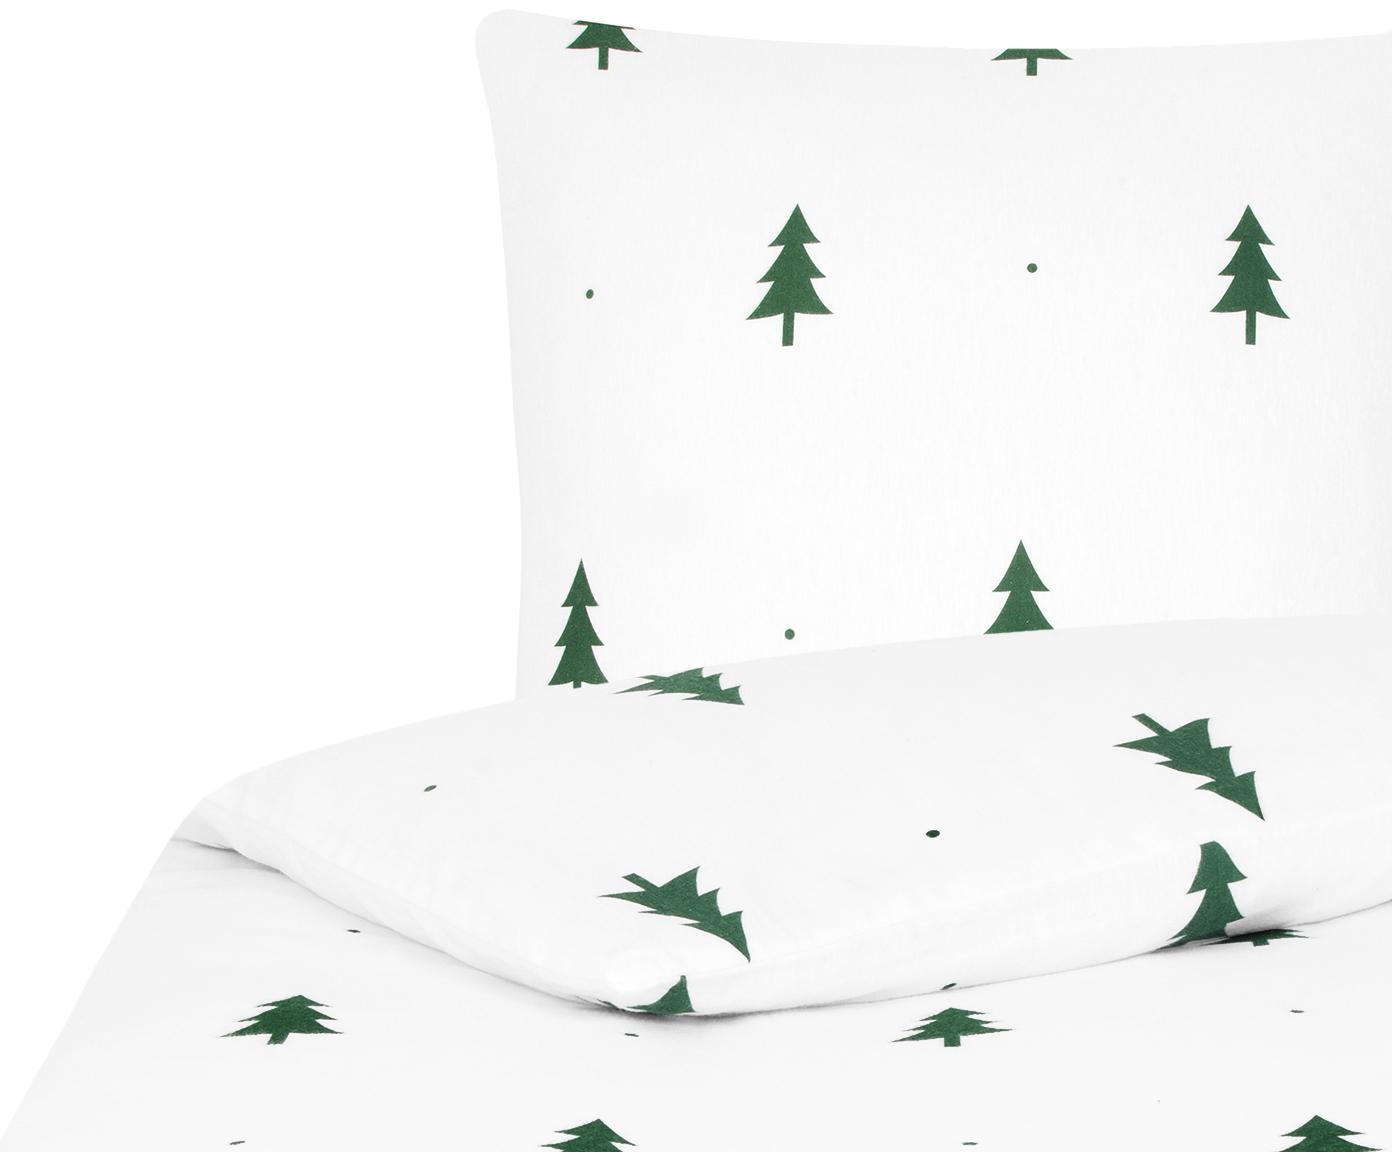 Flanell-Bettwäsche X-mas Tree mit Tannenbäumen, Webart: Flanell Flanell ist ein s, Weiß, Grün, 135 x 200 cm + 1 Kissen 80 x 80 cm